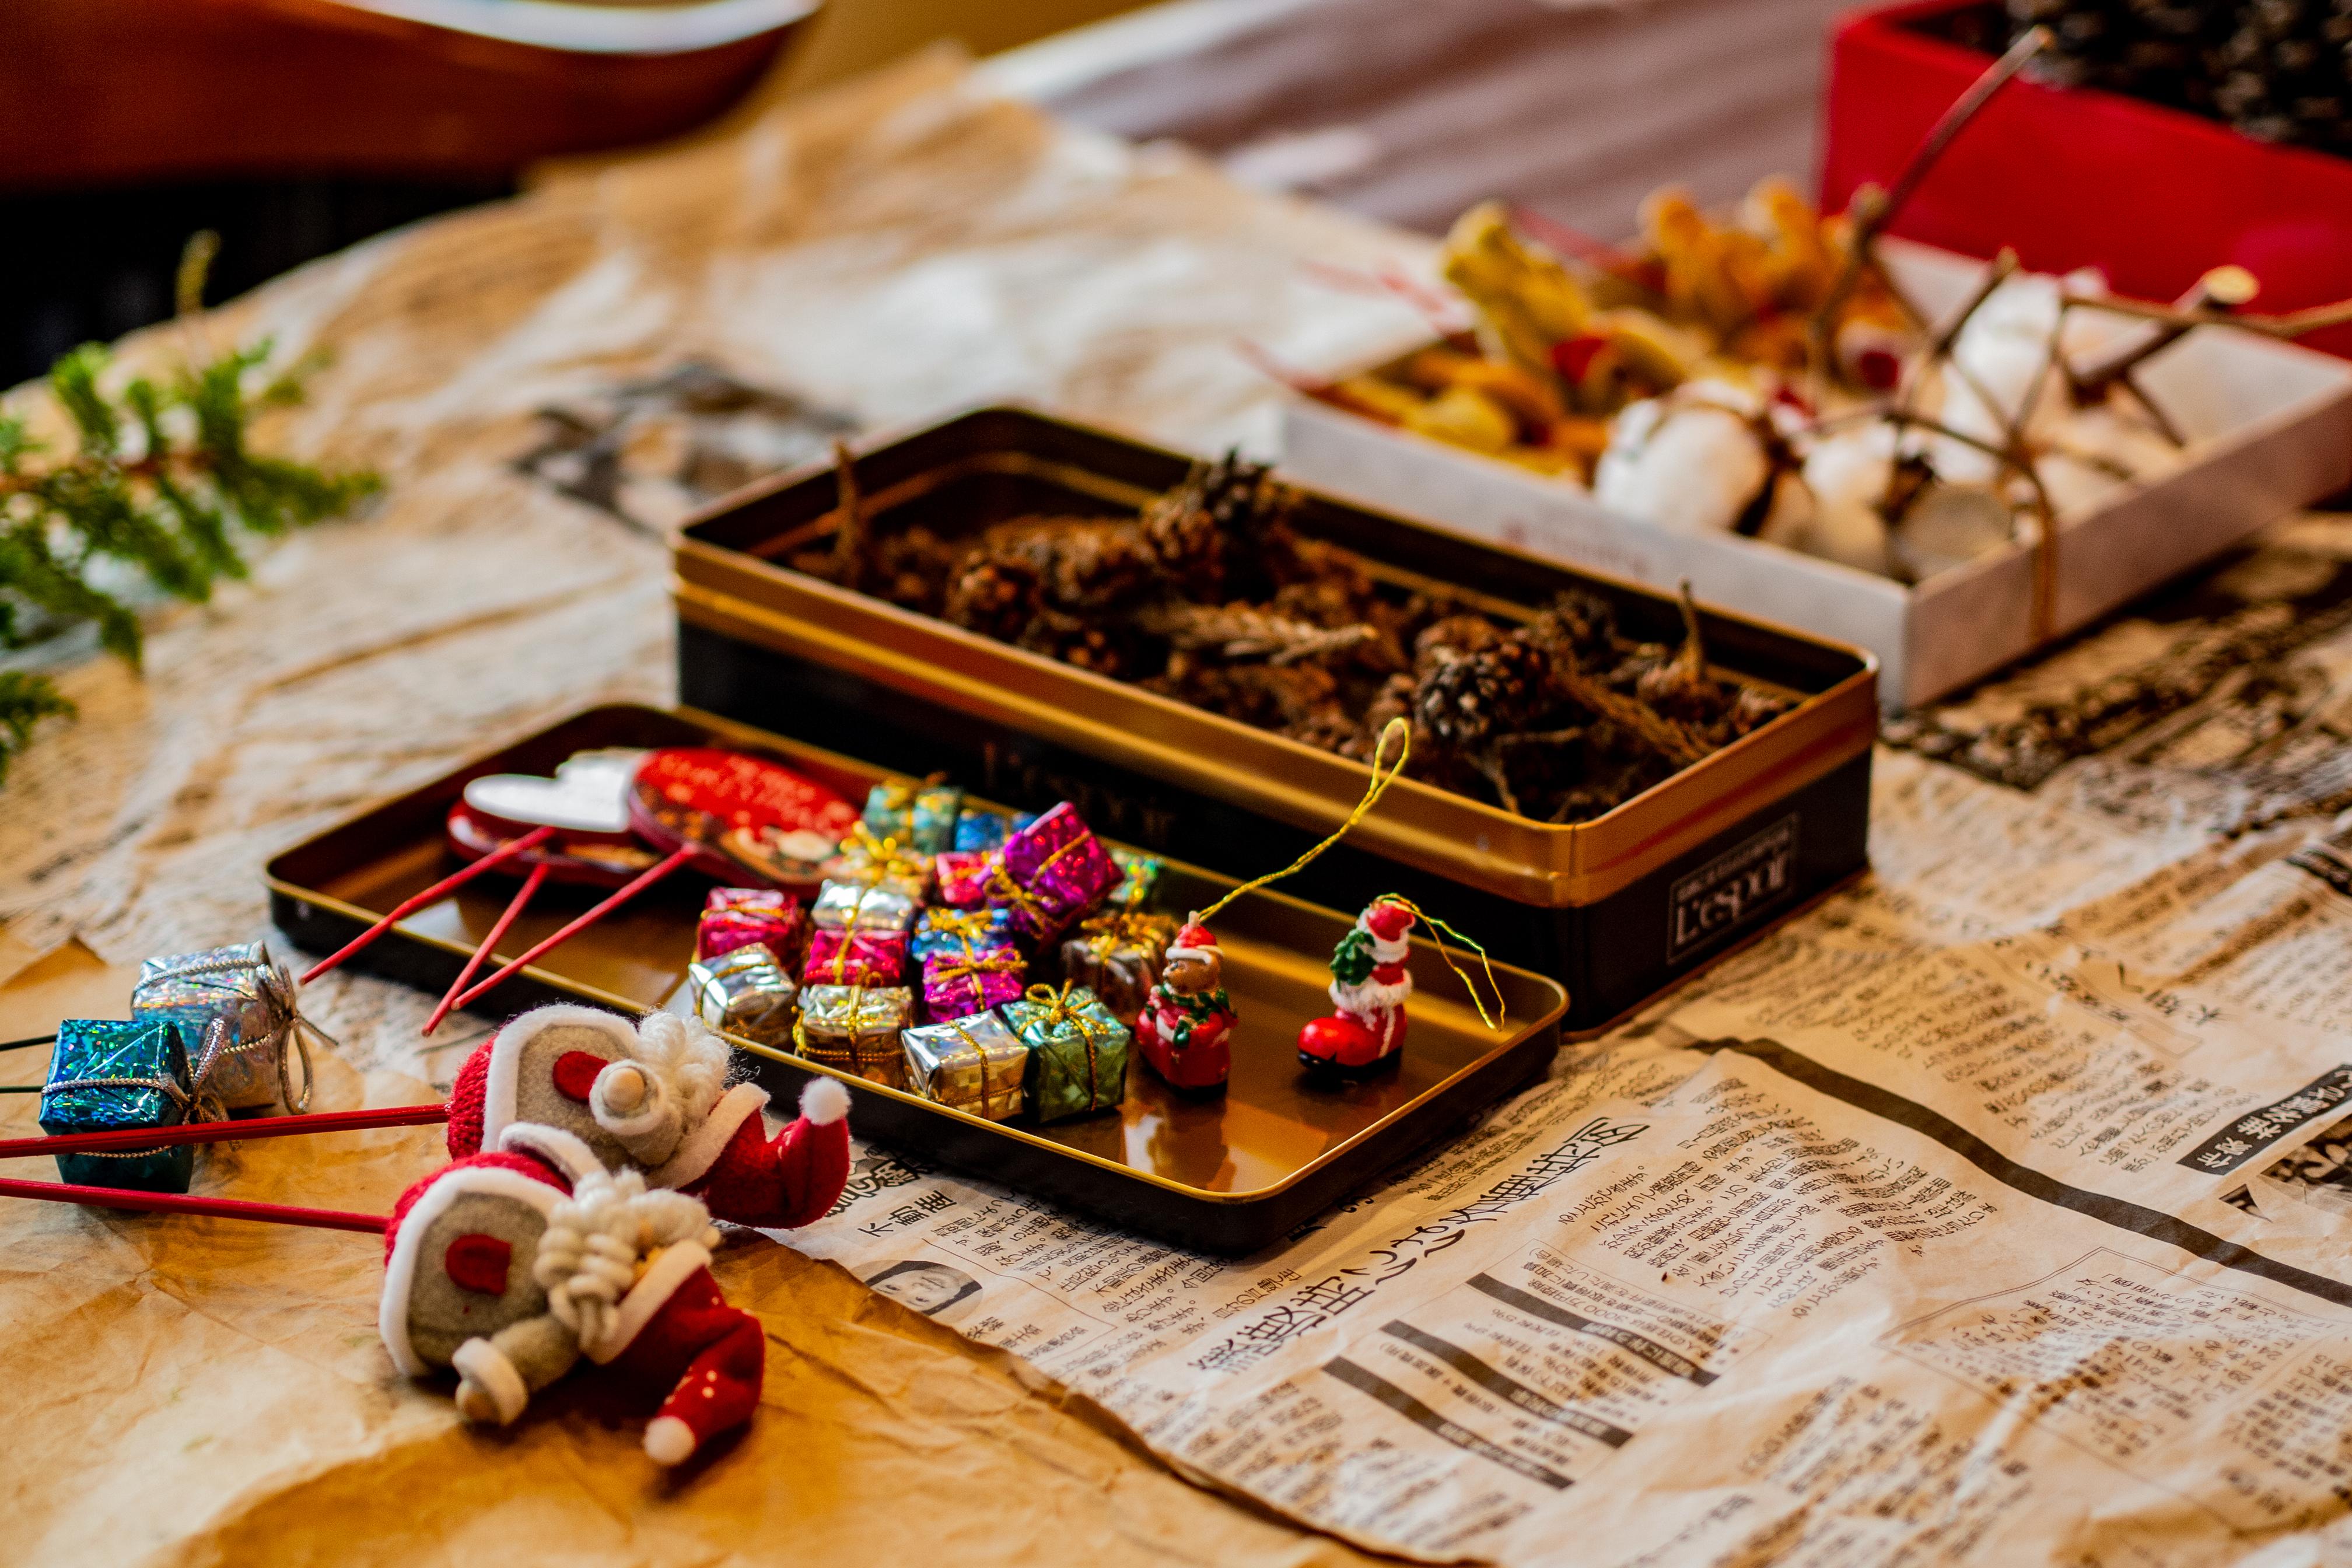 とっても可愛いクリスマスリースの材料の写真。